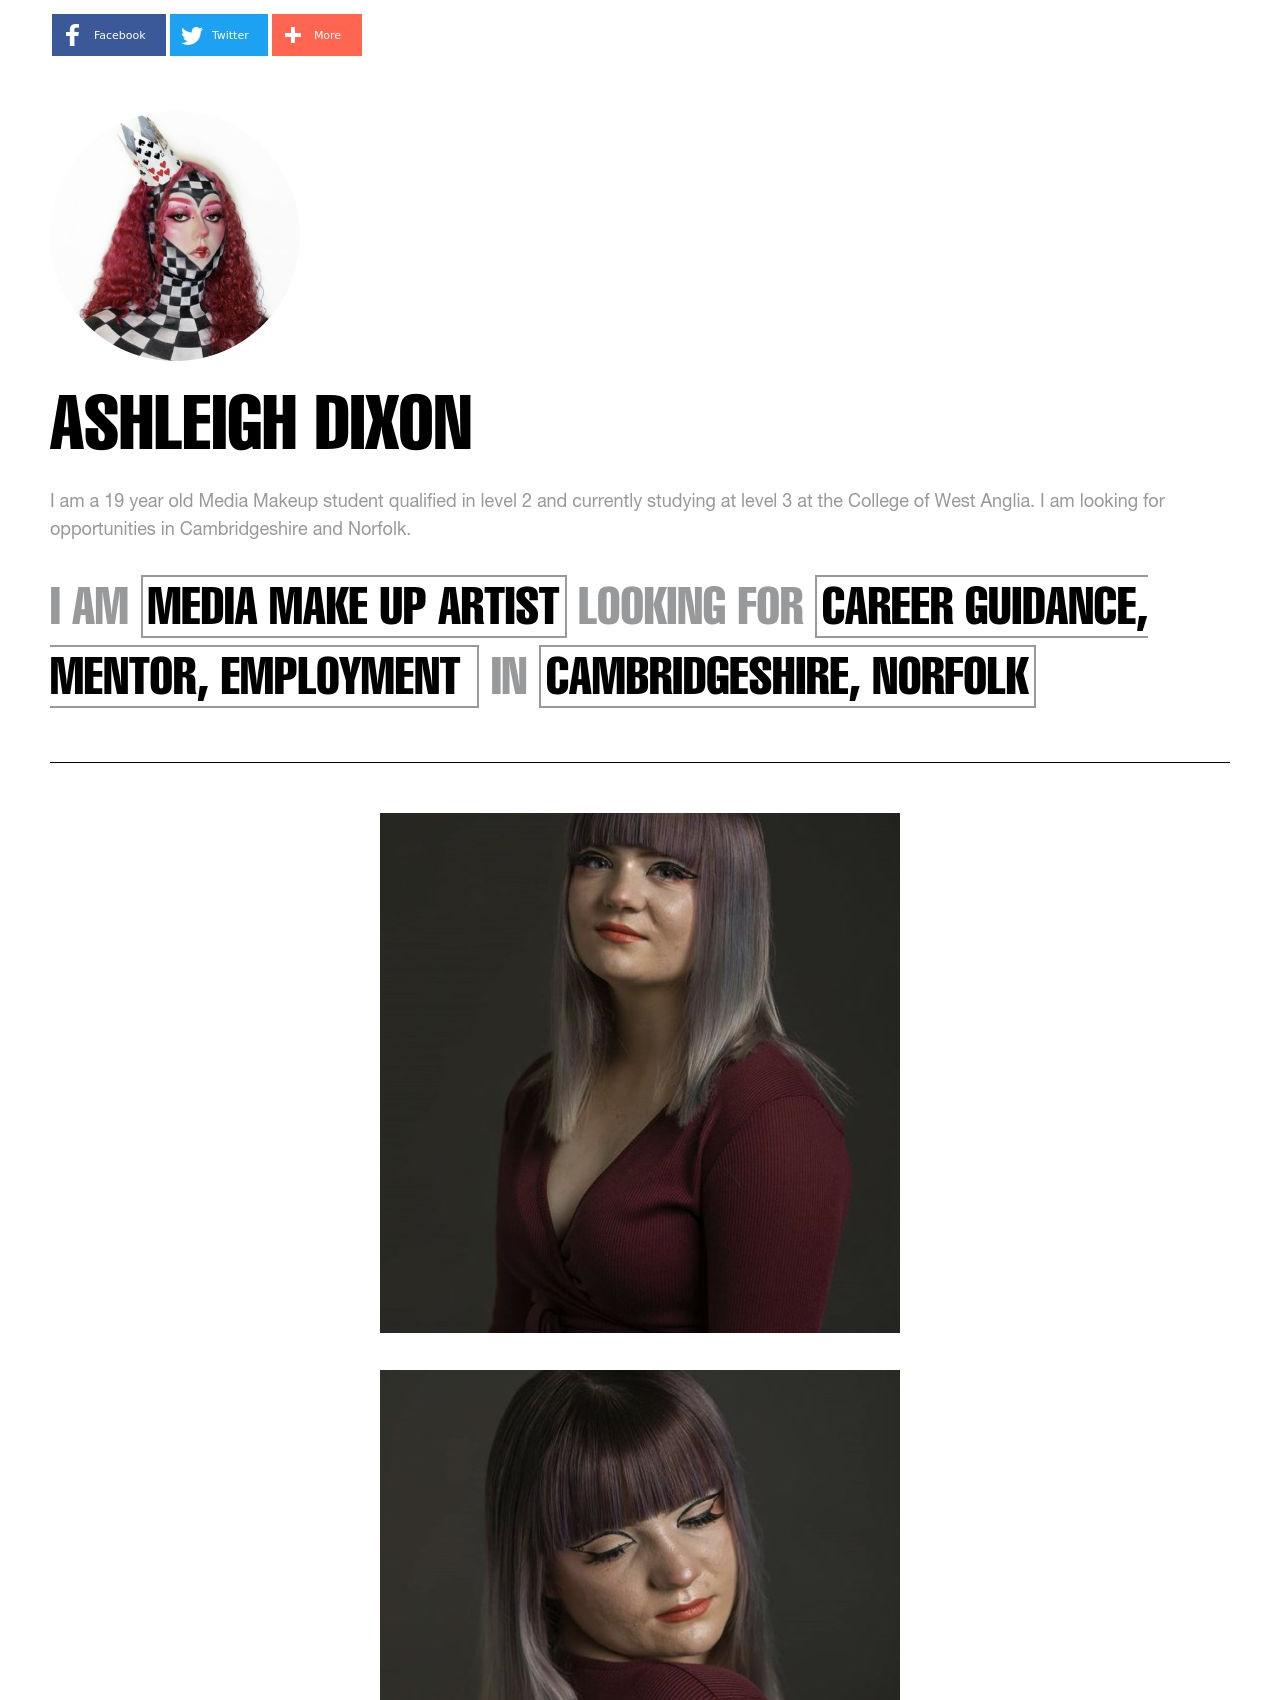 ashleigh dixon